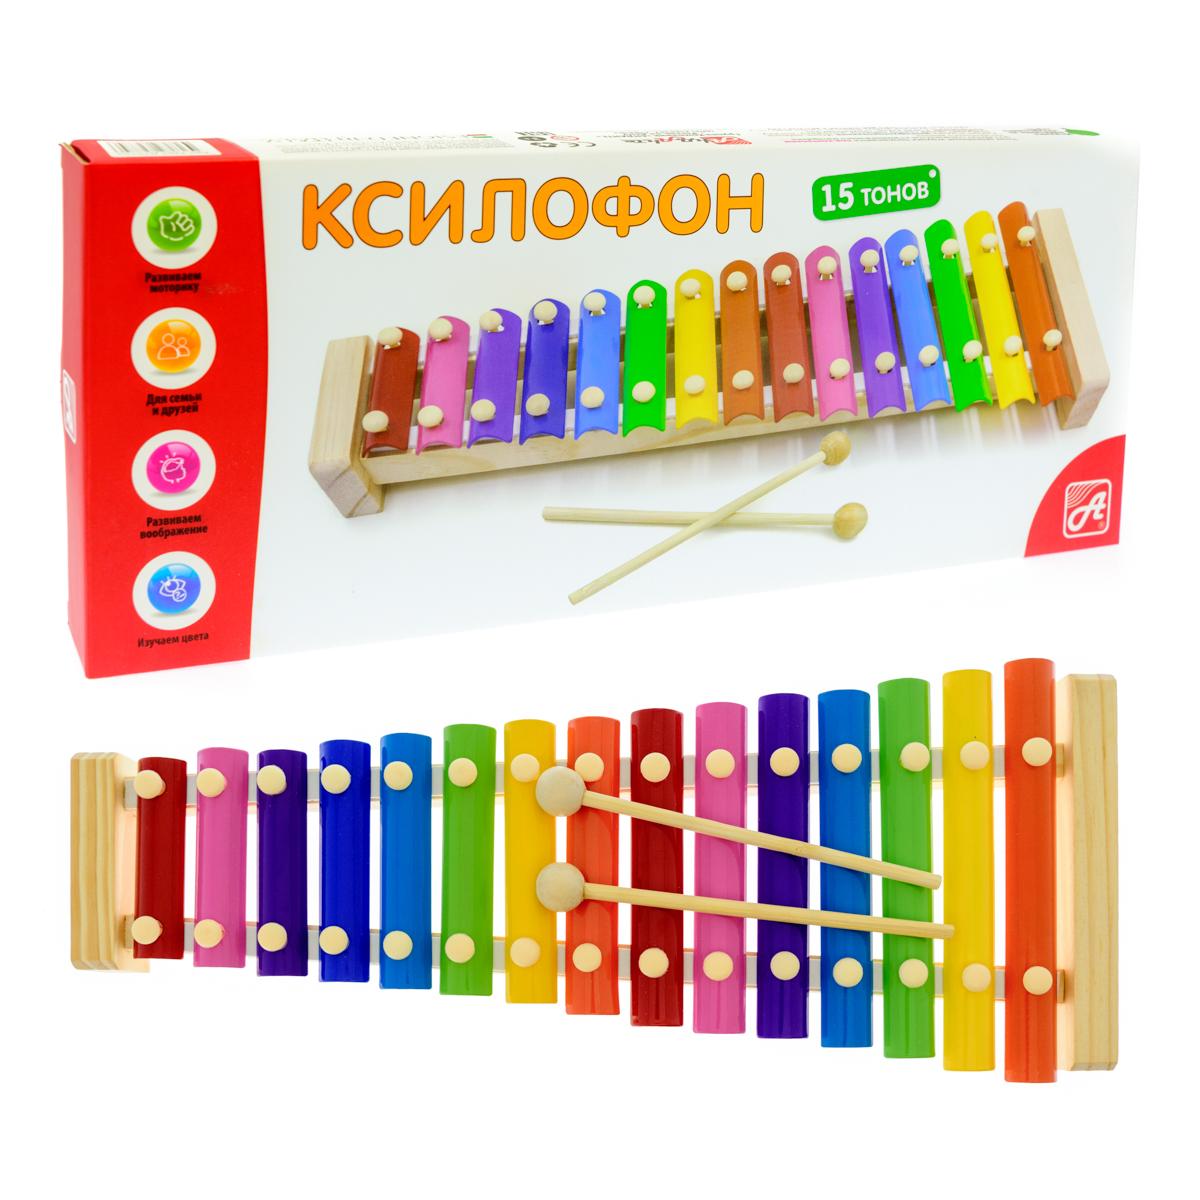 Анданте Ксилофон 15 тонов - Музыкальные инструменты